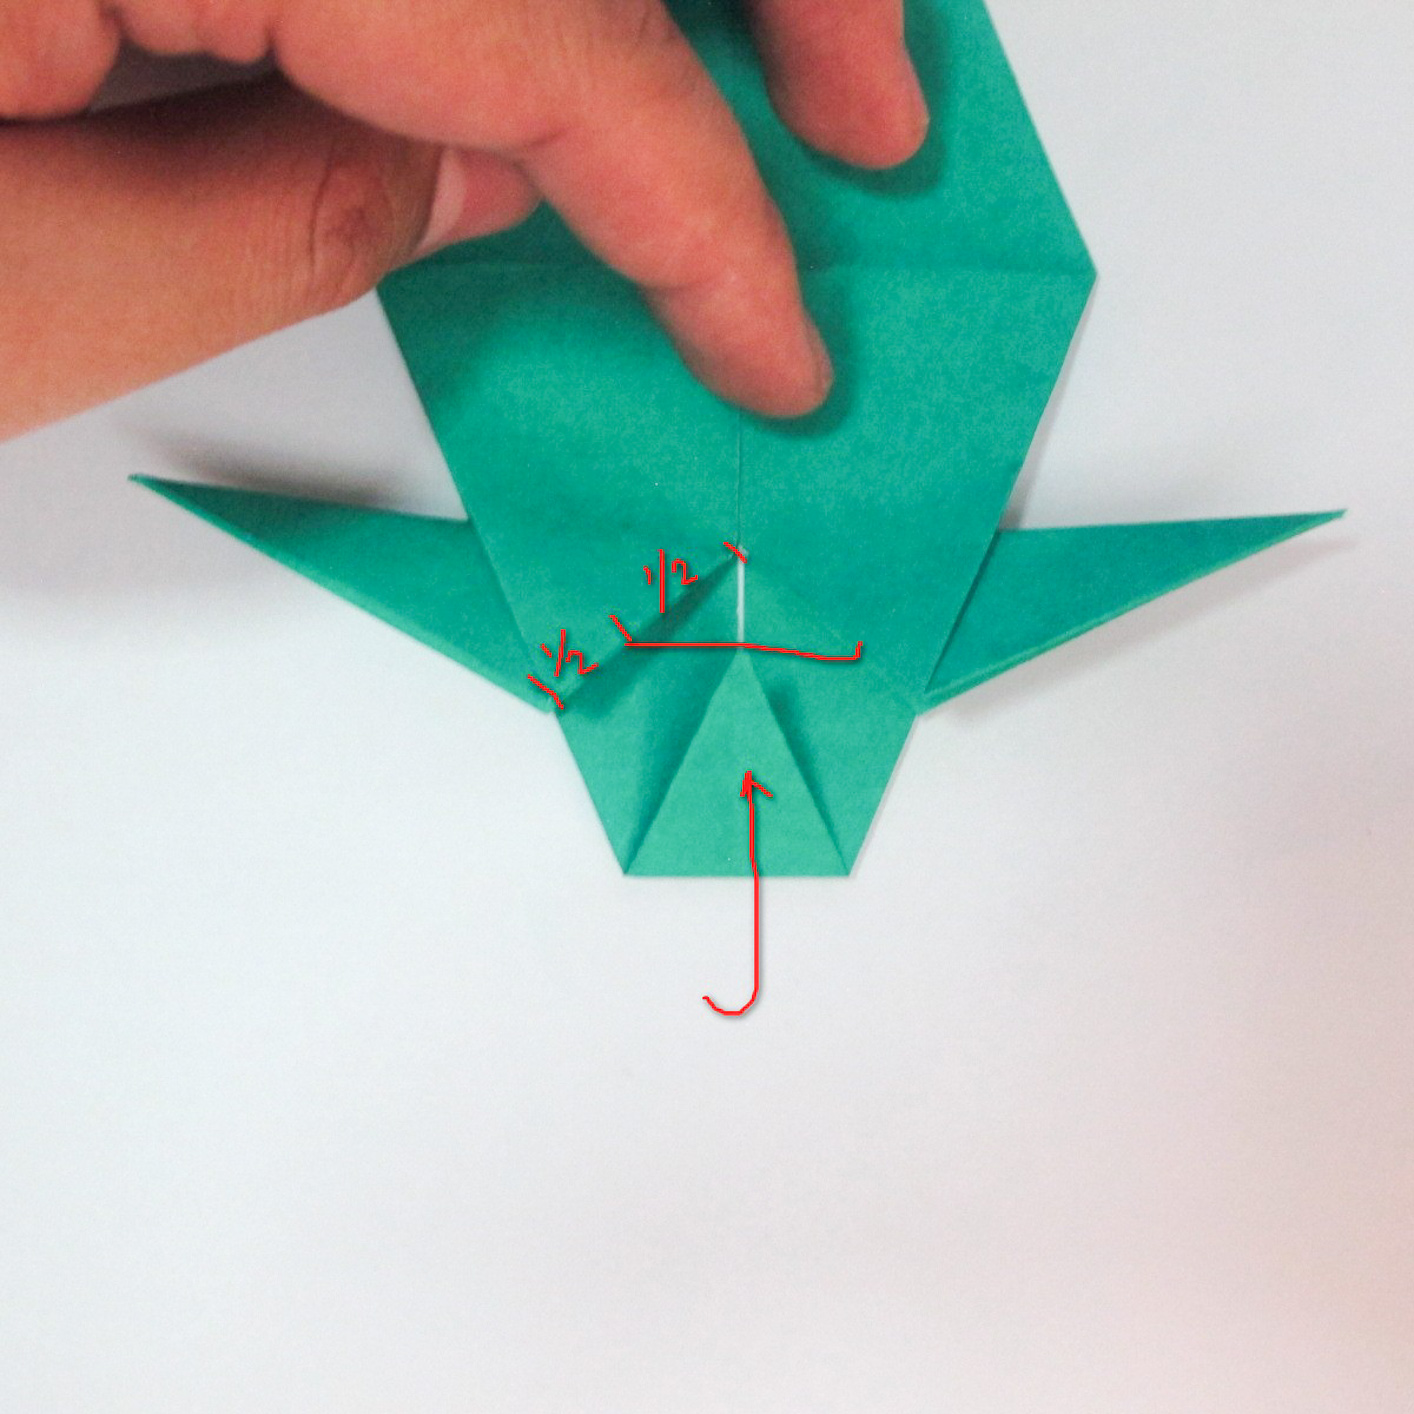 สอนวิธีการพับกระดาษเป็นรูปปลาฉลาม (Origami Shark) 027